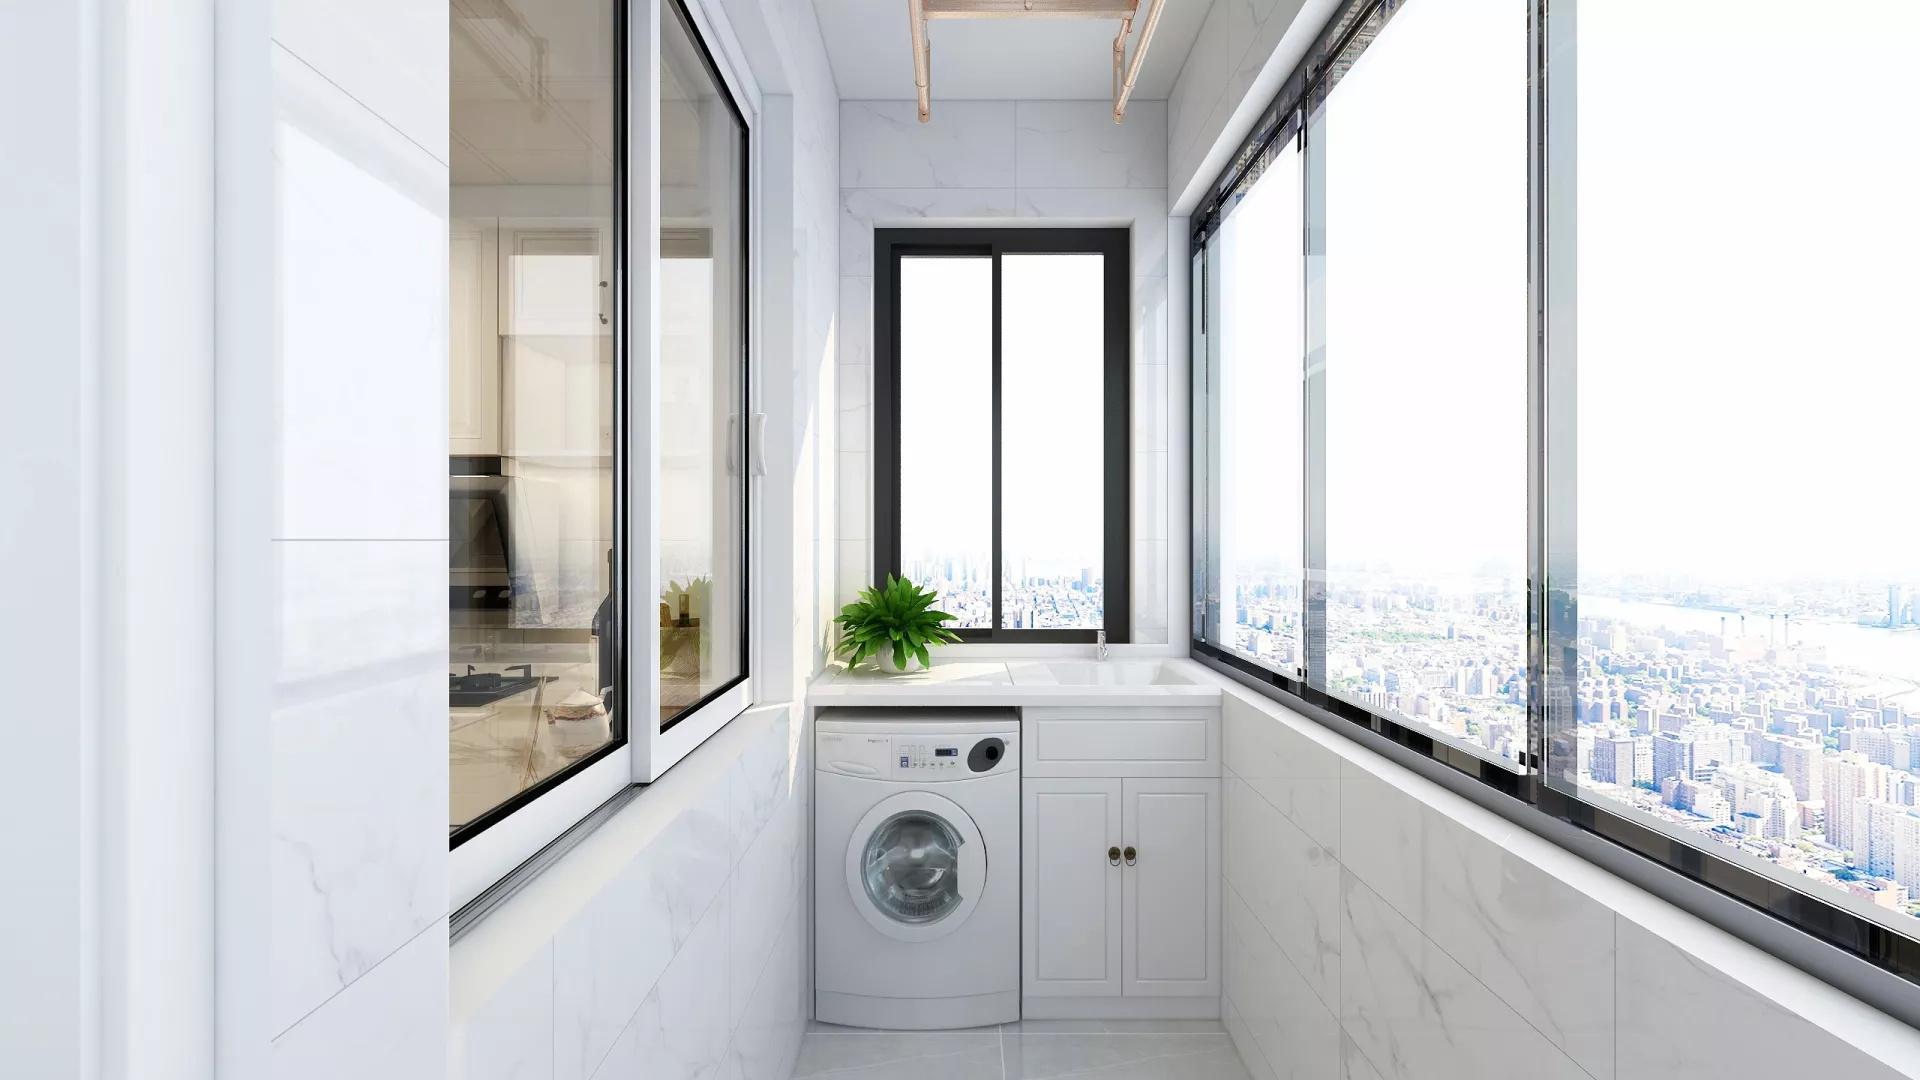 廚房墻磚用什么顏色好 廚房墻磚什么顏色好